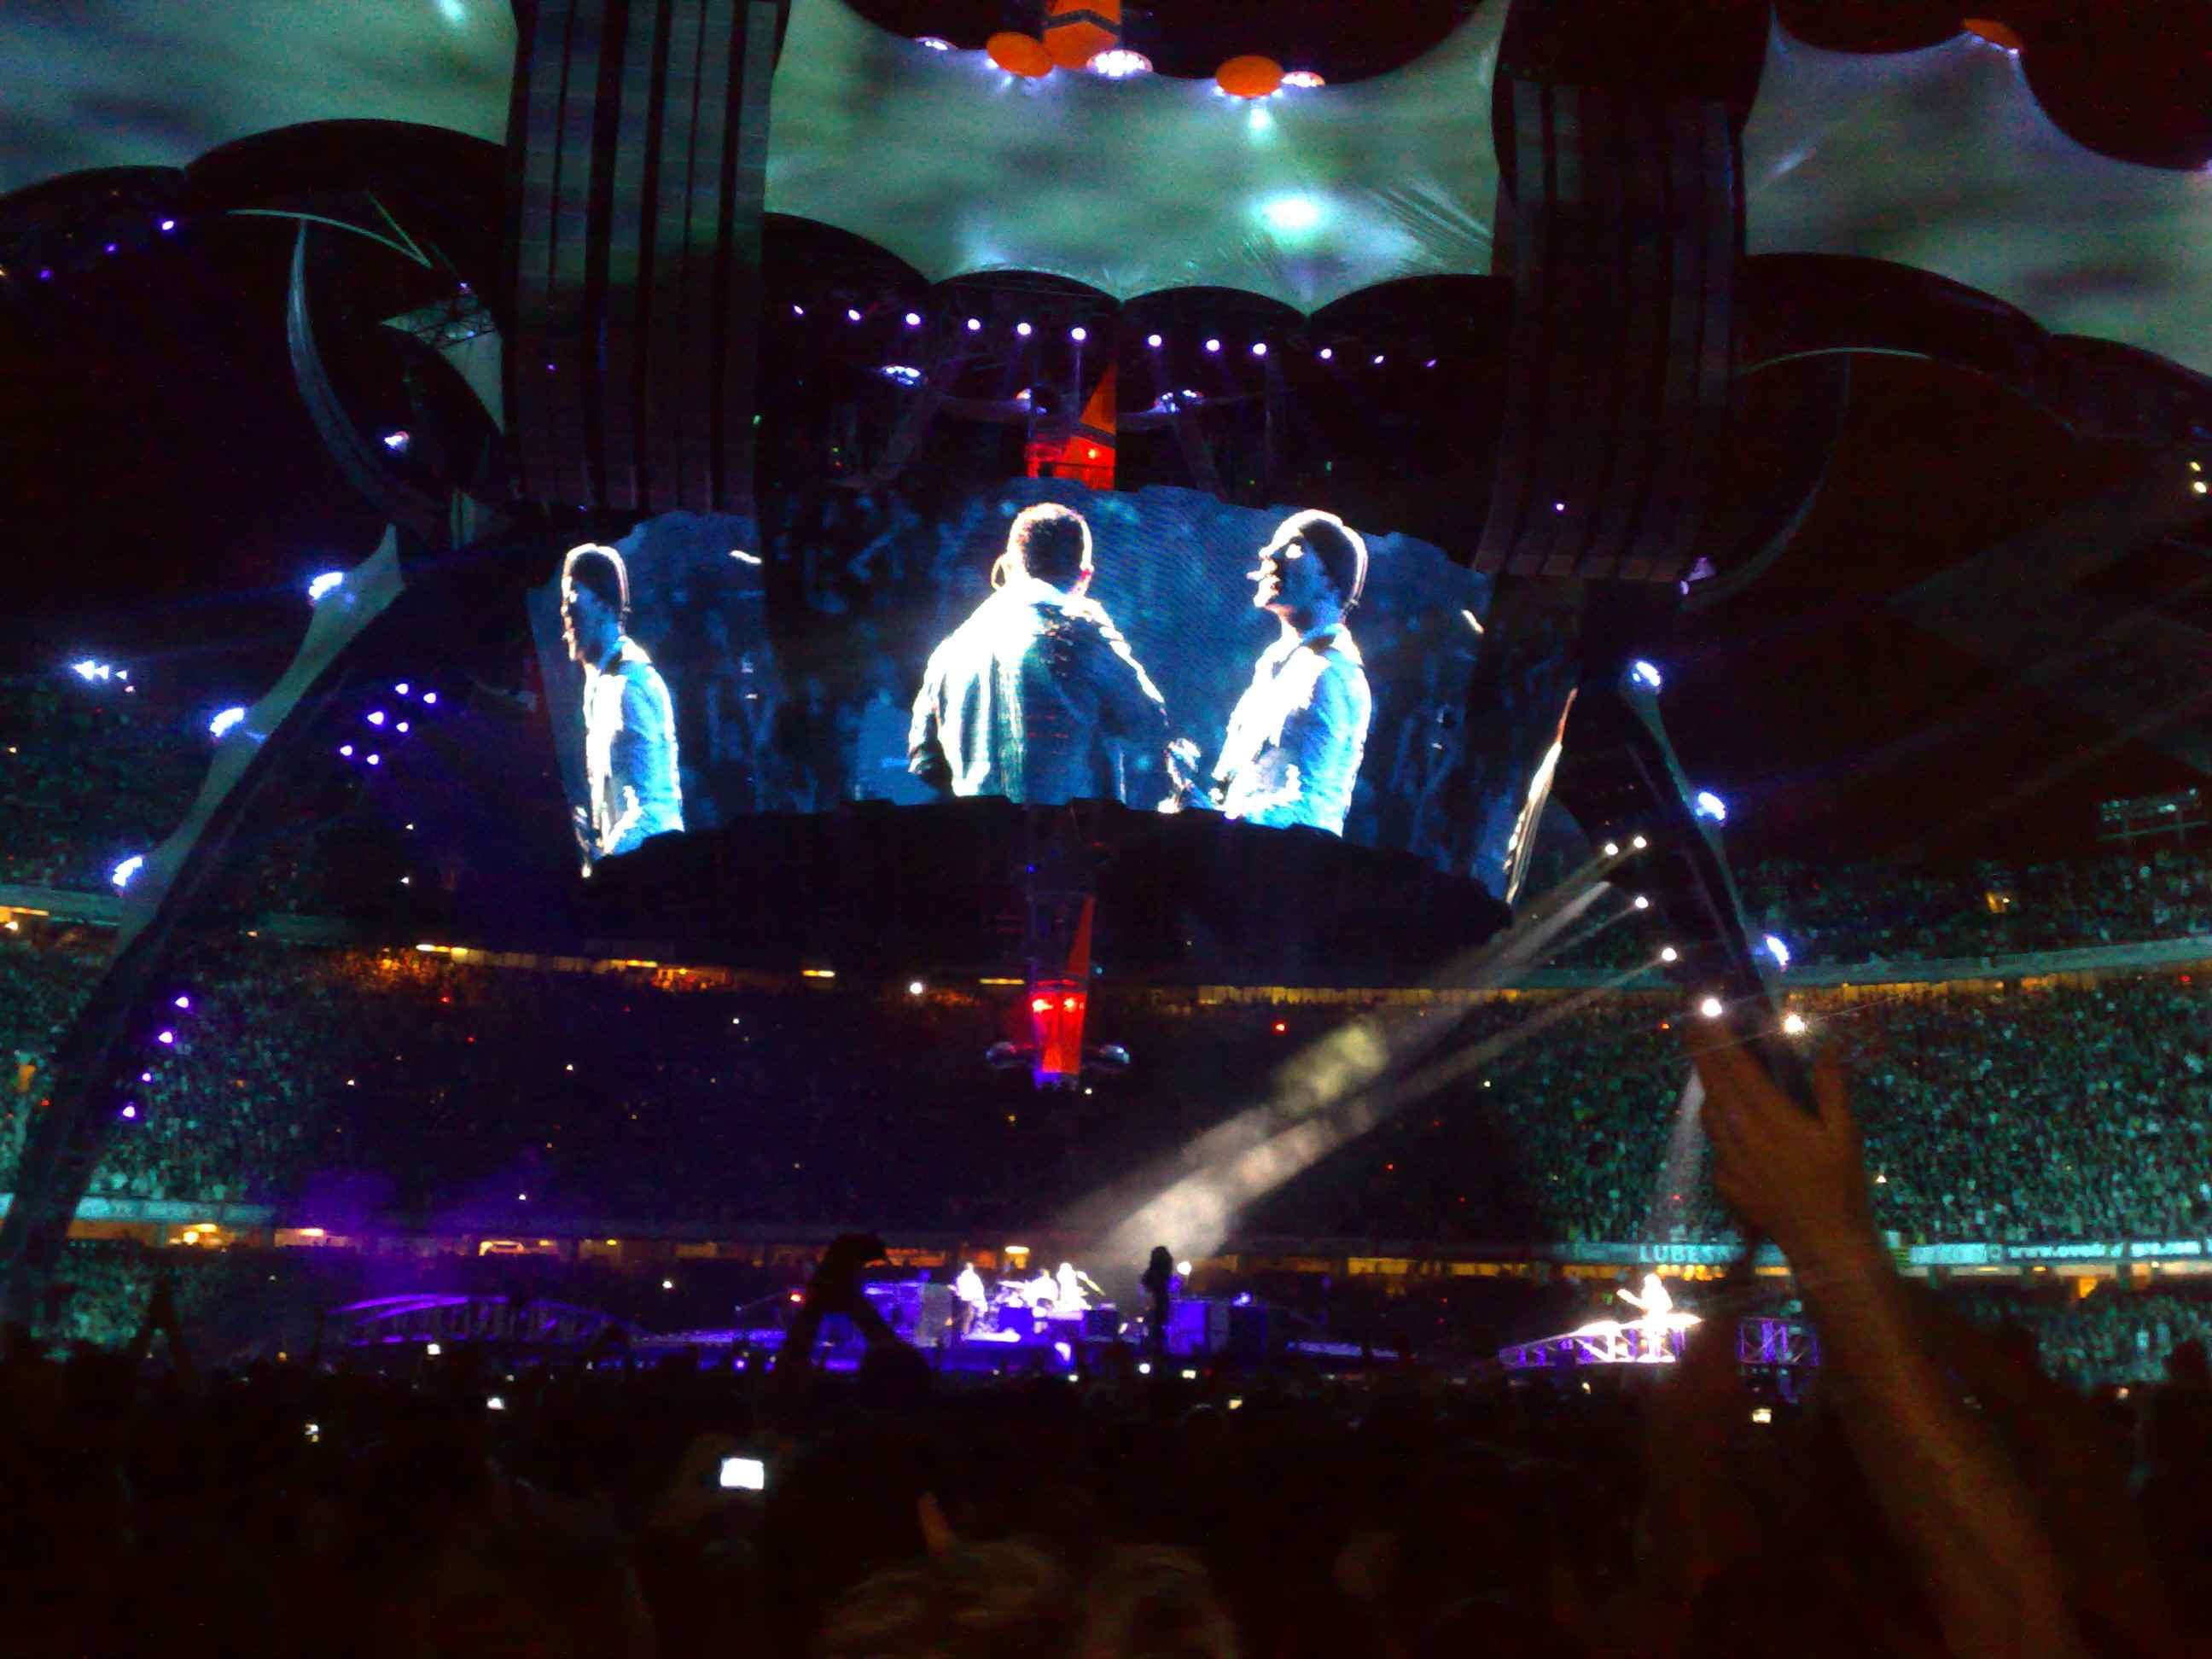 Concierto con el que se abrió la gira europea de 2009